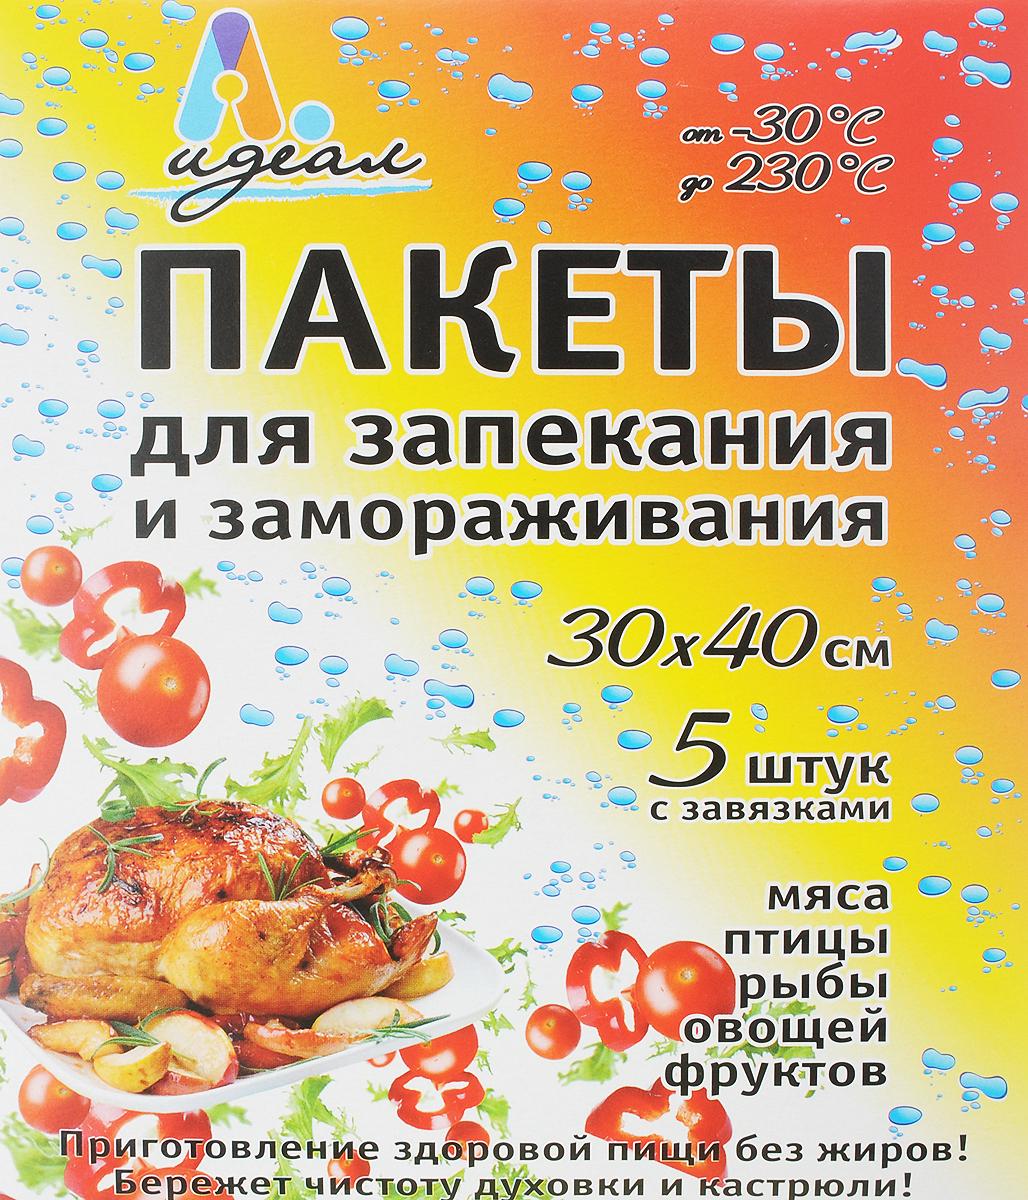 Пакеты для запекания и замораживания Идеал, 30 х 40 см, 5 штХПП11553Пакеты для запекания и замораживания Идеал предназначены для микроволновых печей, духовок, а также для приготовления диетических продуктов на водяной бане. Идеальны для замораживания, не допускают прилипания продуктов к пакету. Позволяют готовить здоровую пищу в собственном соку, без добавления масла, исключают разбрызгивание сока или жира при запекании, сохраняют натуральный вкус продуктов, витамины и микроэлементы, подчеркивают аромат добавленных специй, сокращают время приготовления. Пакеты подходят для мяса, птицы, рыбы, овощей и фруктов. Снабжены специальными завязками. Можно использовать при температуре от -30° до +230°С.